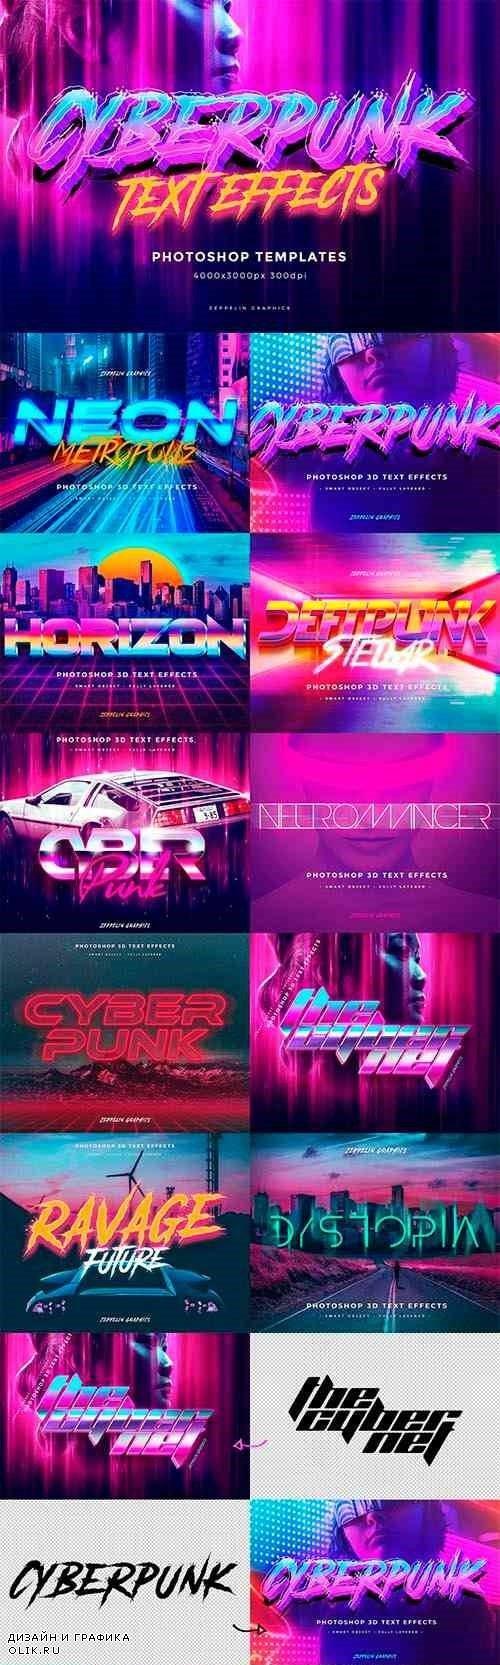 Cyberpunk 80s Text Effects - 4557425